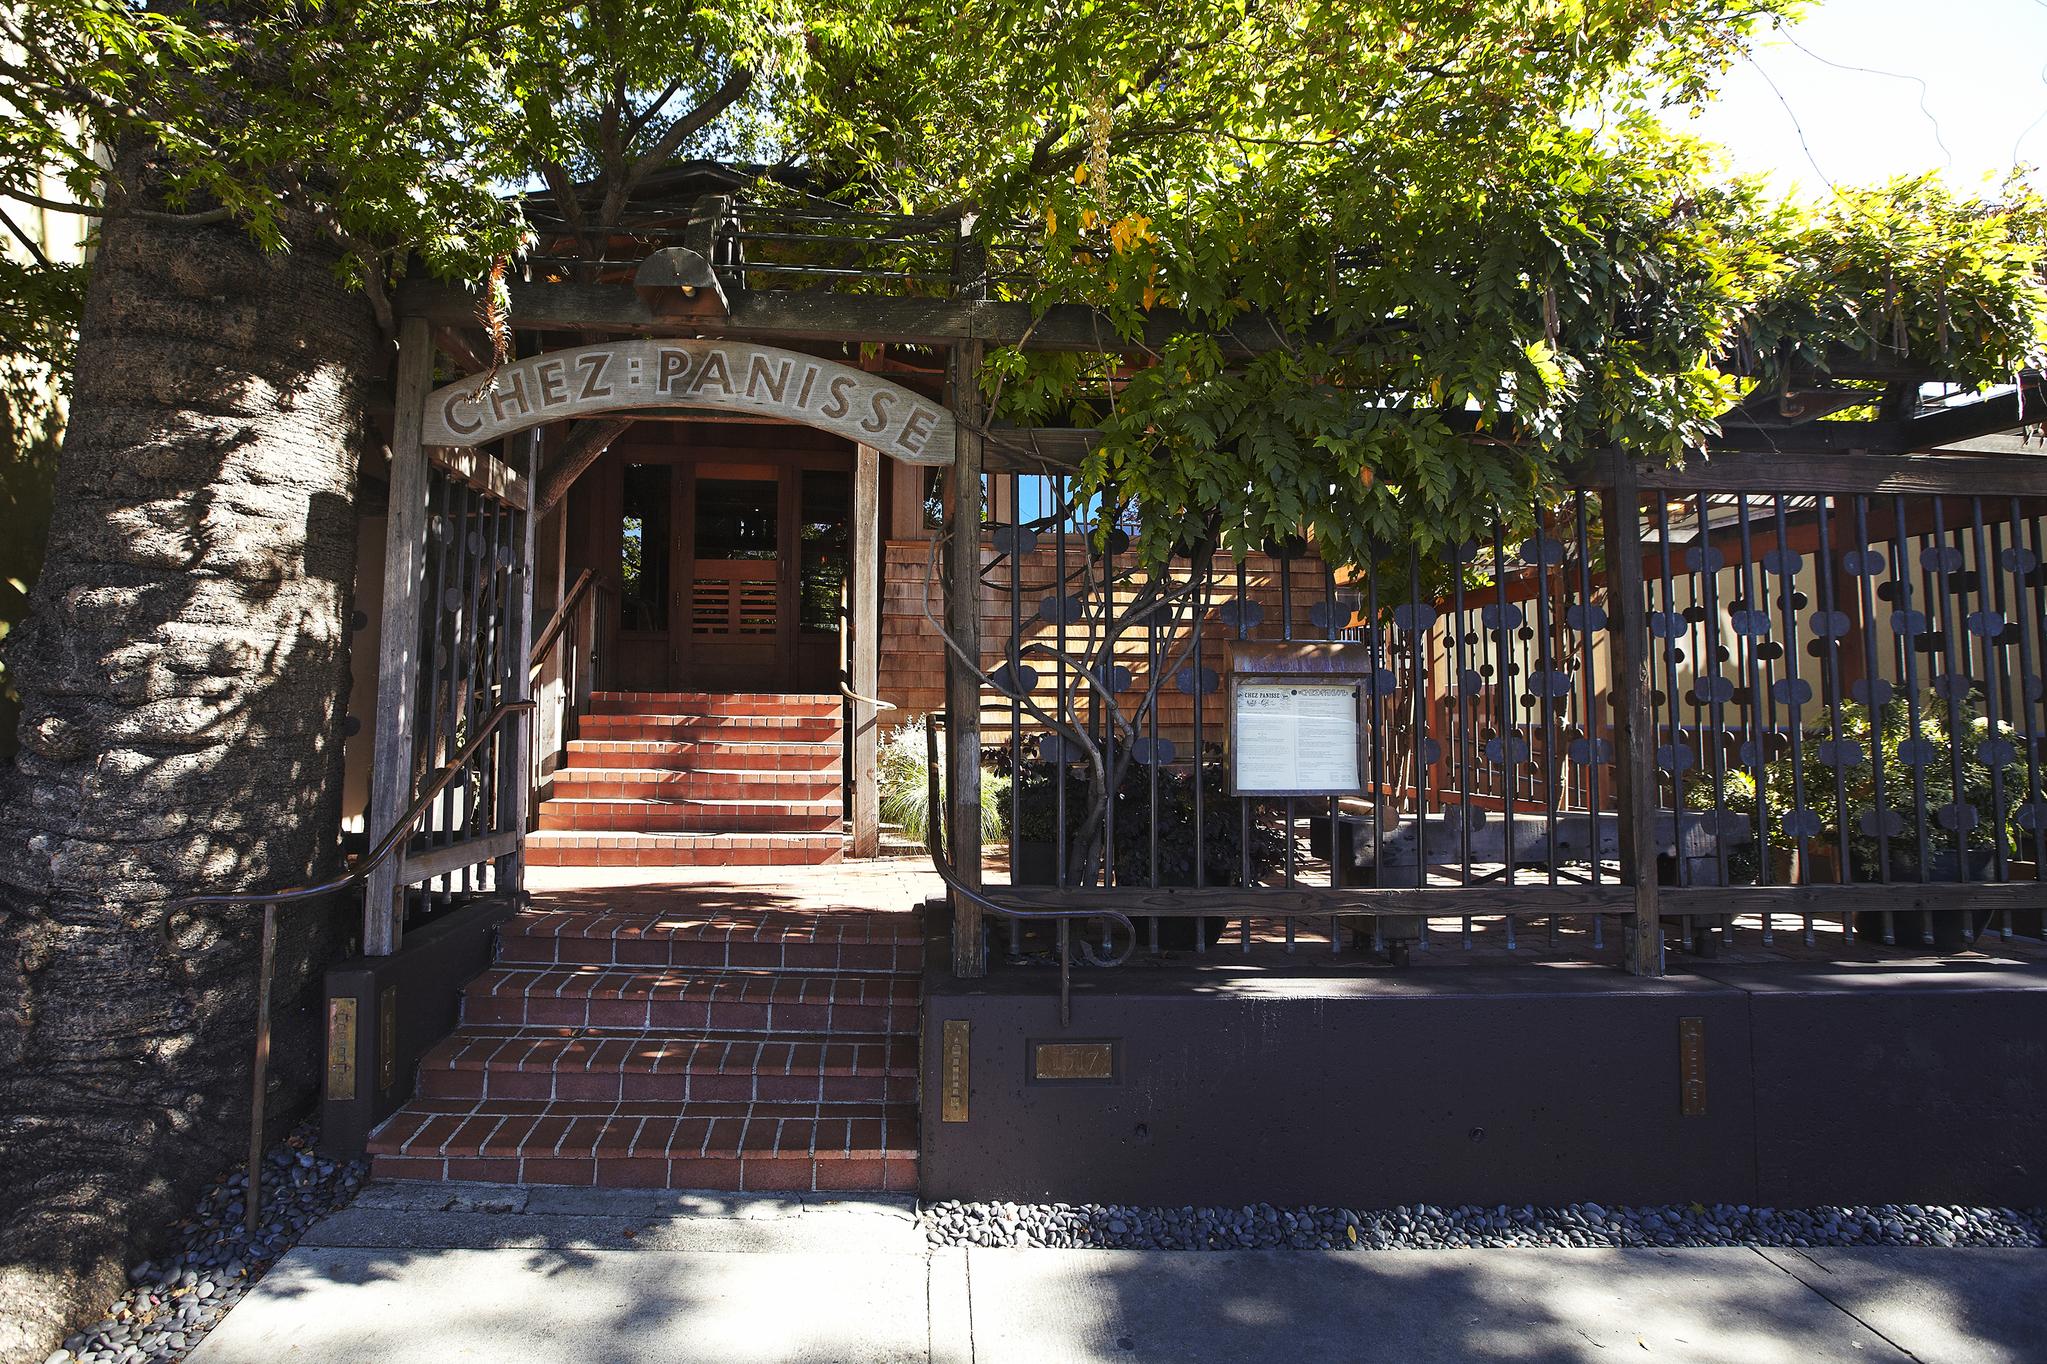 미국 버클리에 있는 레스토랑 셰 파니즈. 팜 투 테이블의 원조격 식당이다.